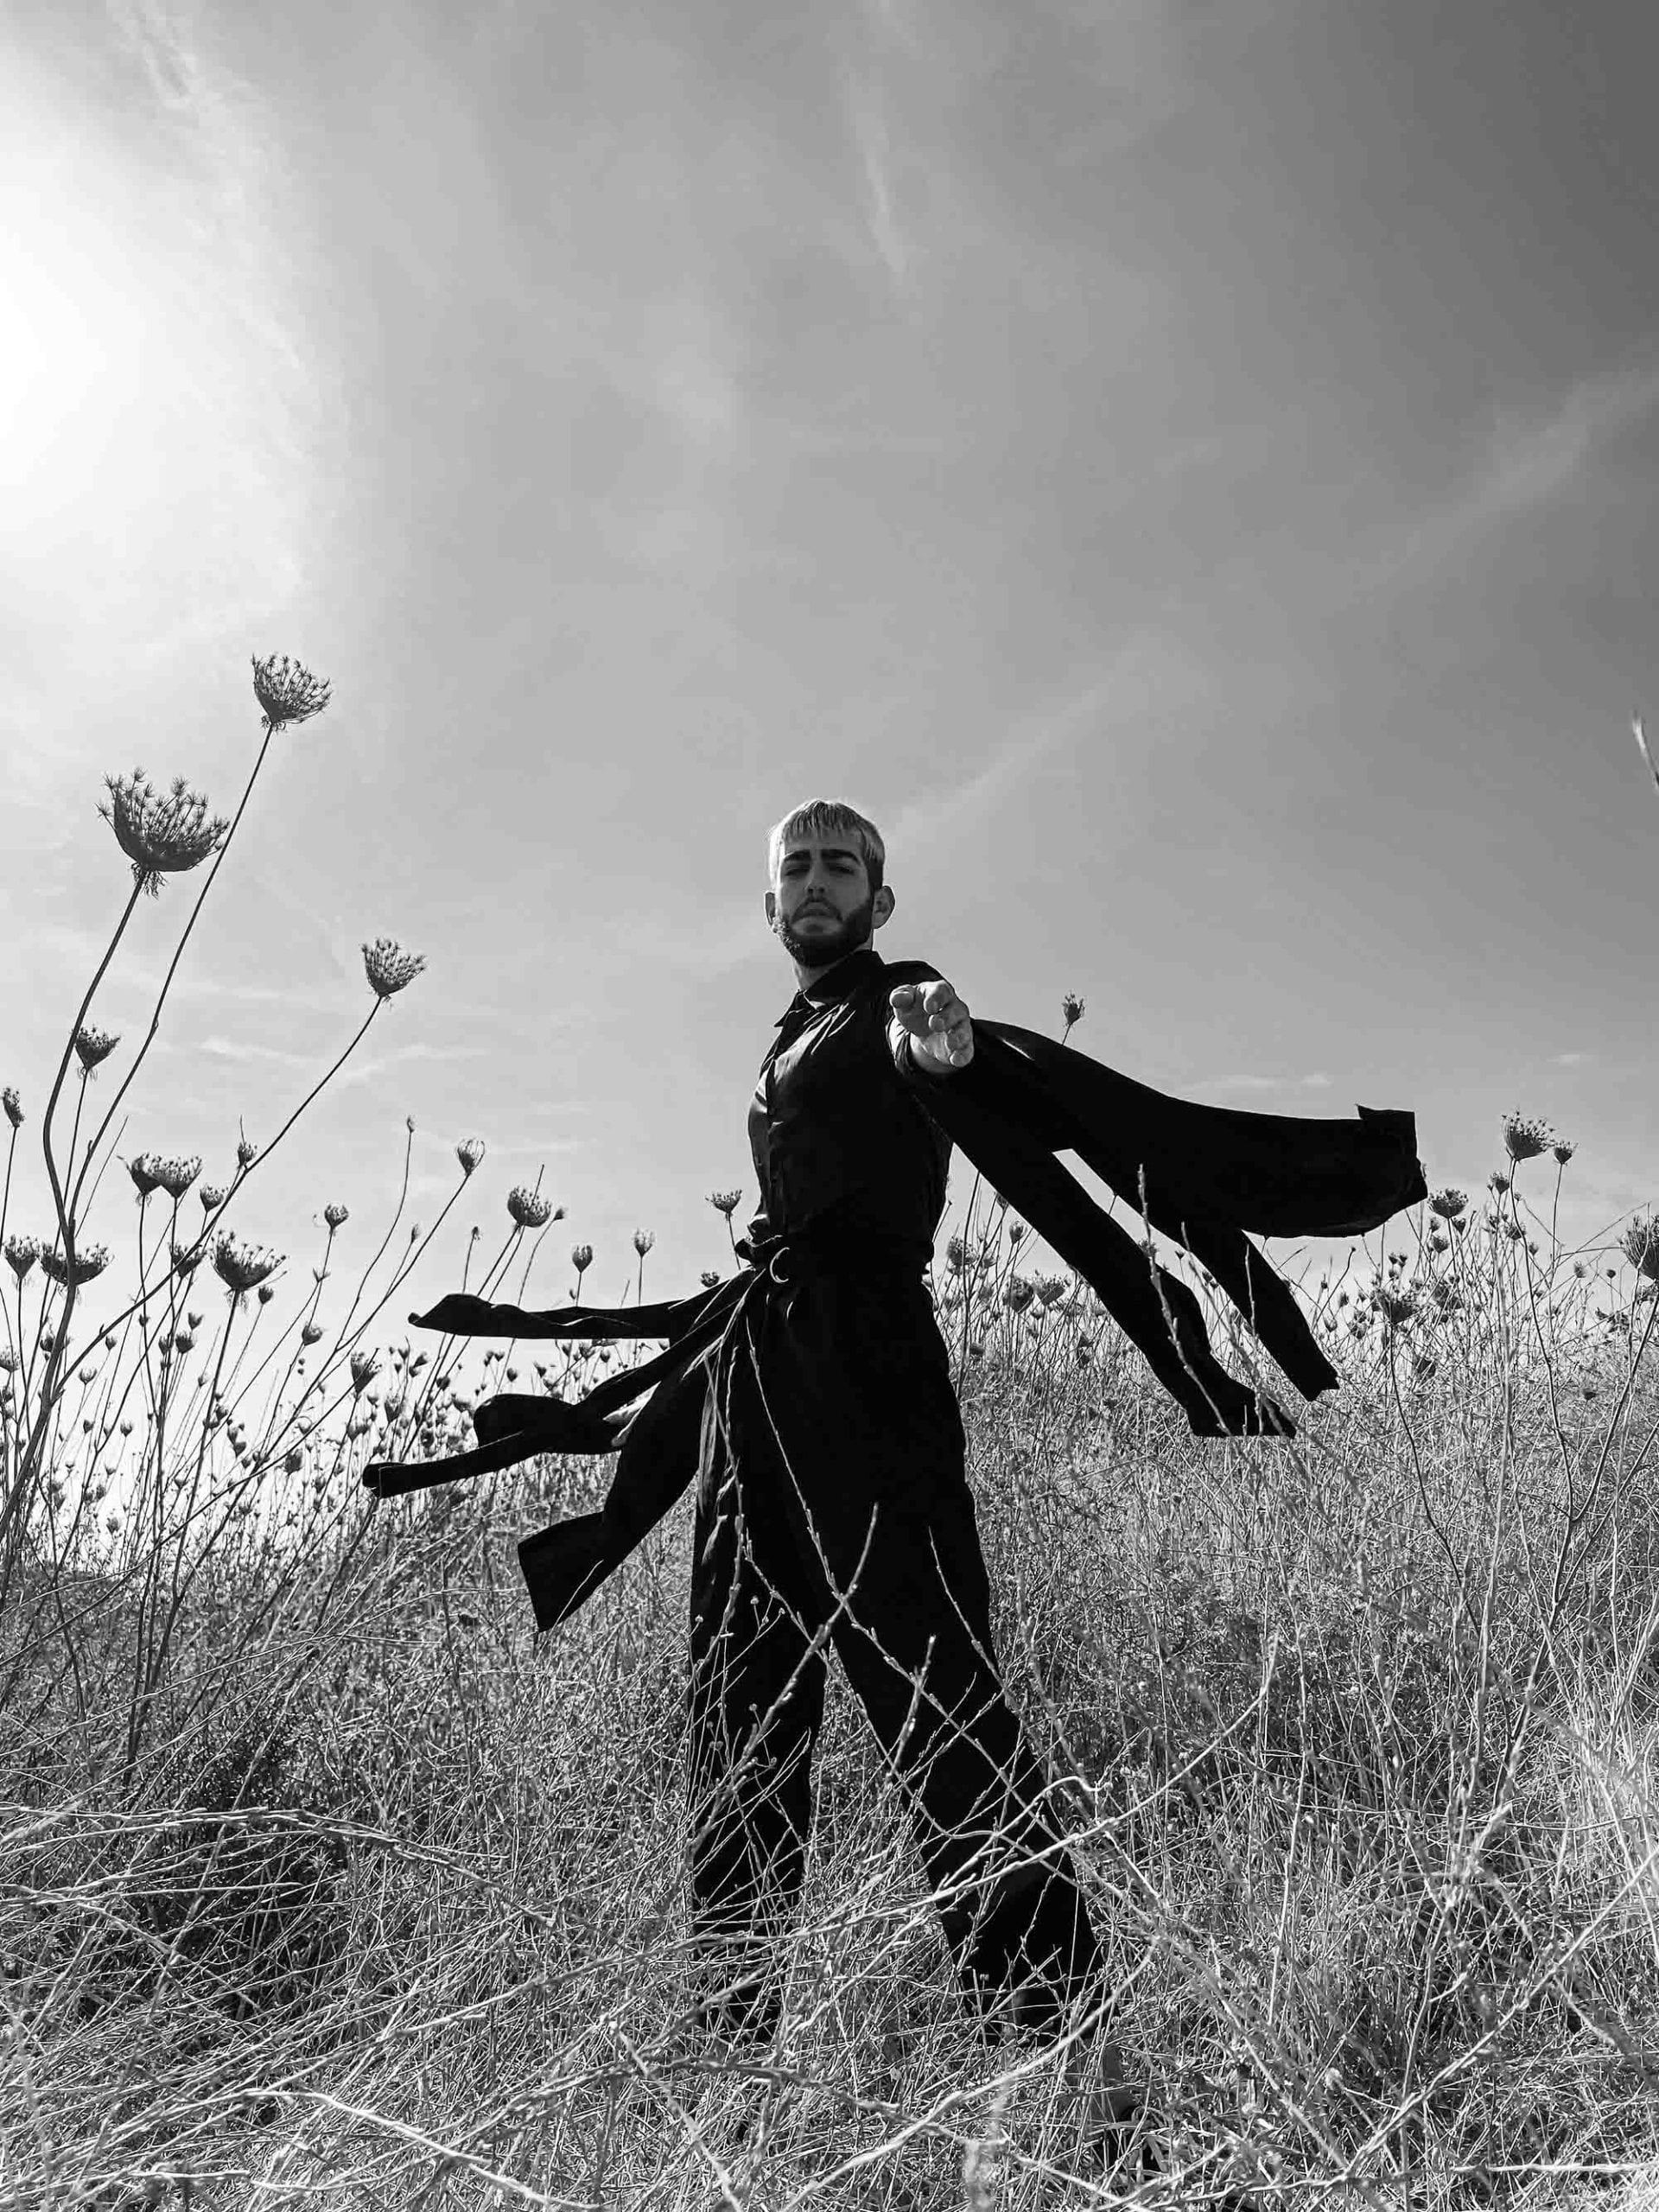 שחר גלר - shar gelle, מגזין אופנה, חדשות אופנה, כתבות אופנה, מגזין אופנה ישראלי - אופנה - 7